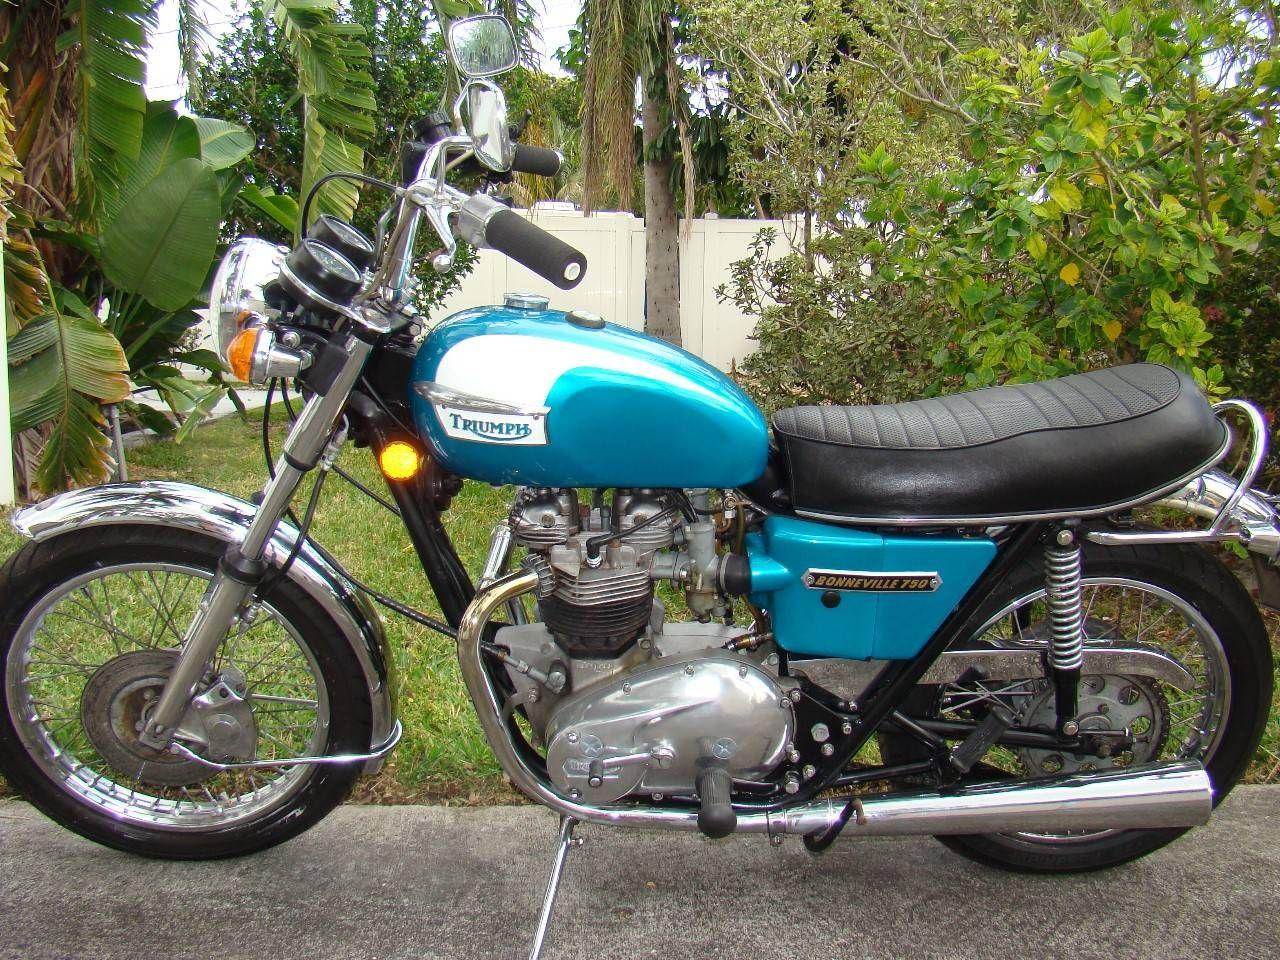 1977 Triumph Bonneville T140 For Sale Via Rocker Co Brat Bike Classic Motorcycles Cool Motorcycles [ 960 x 1280 Pixel ]